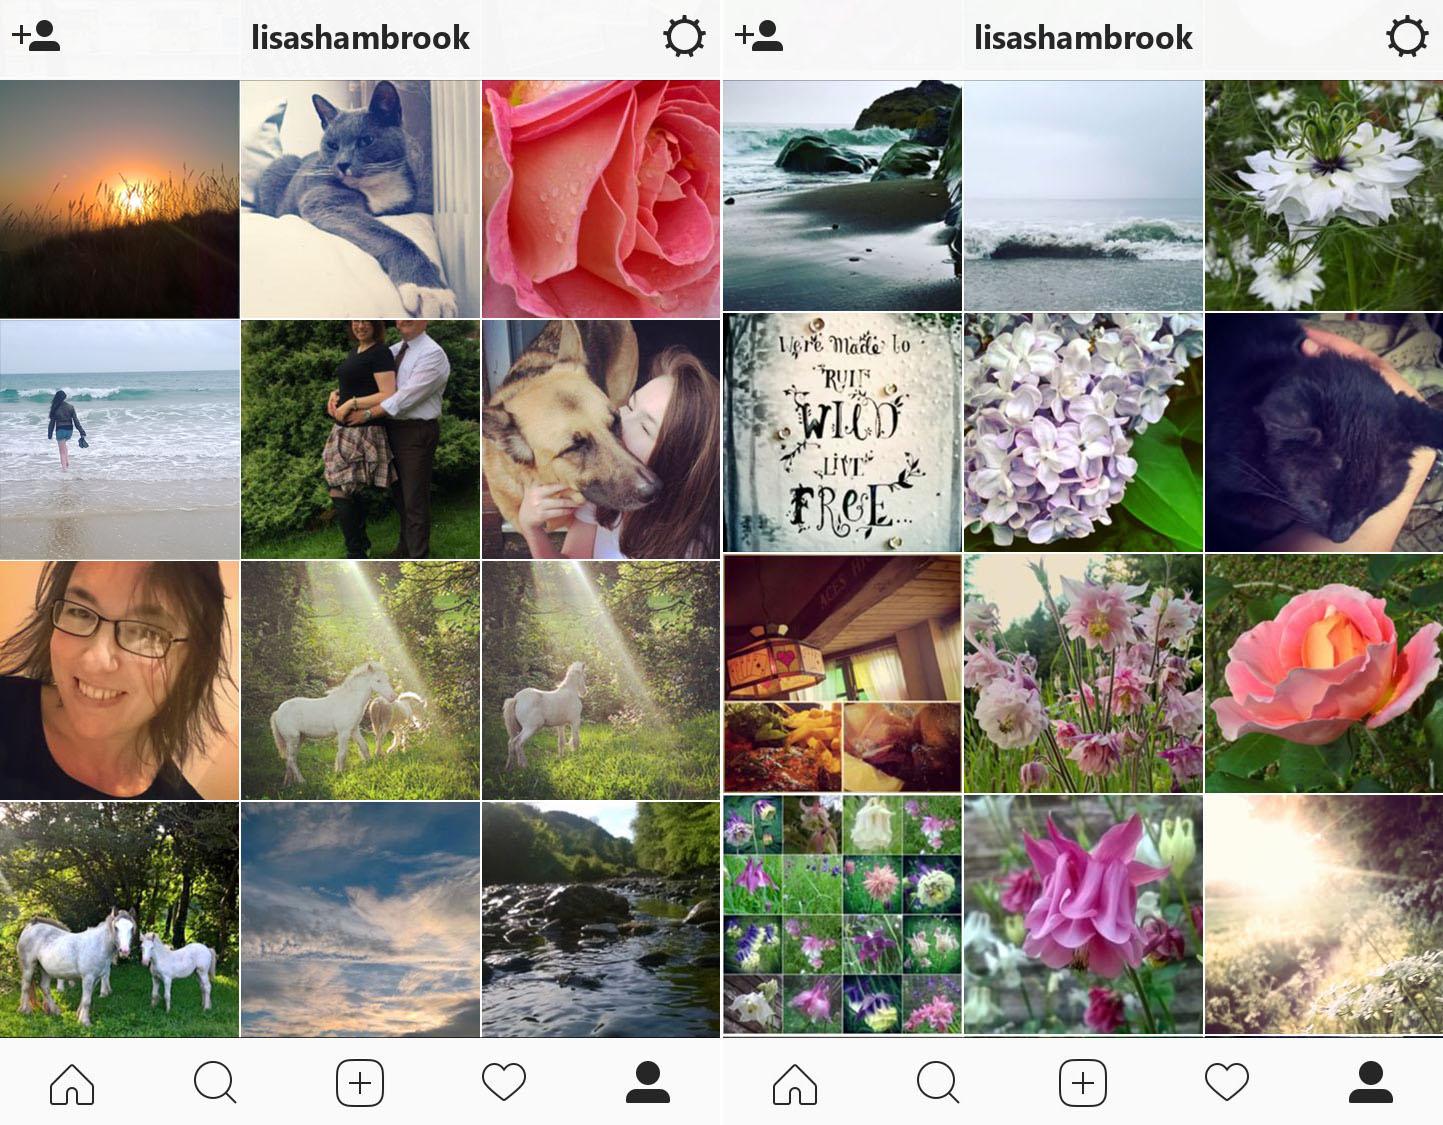 instagram-summer-lisa-shambrook-the-last-krystallos